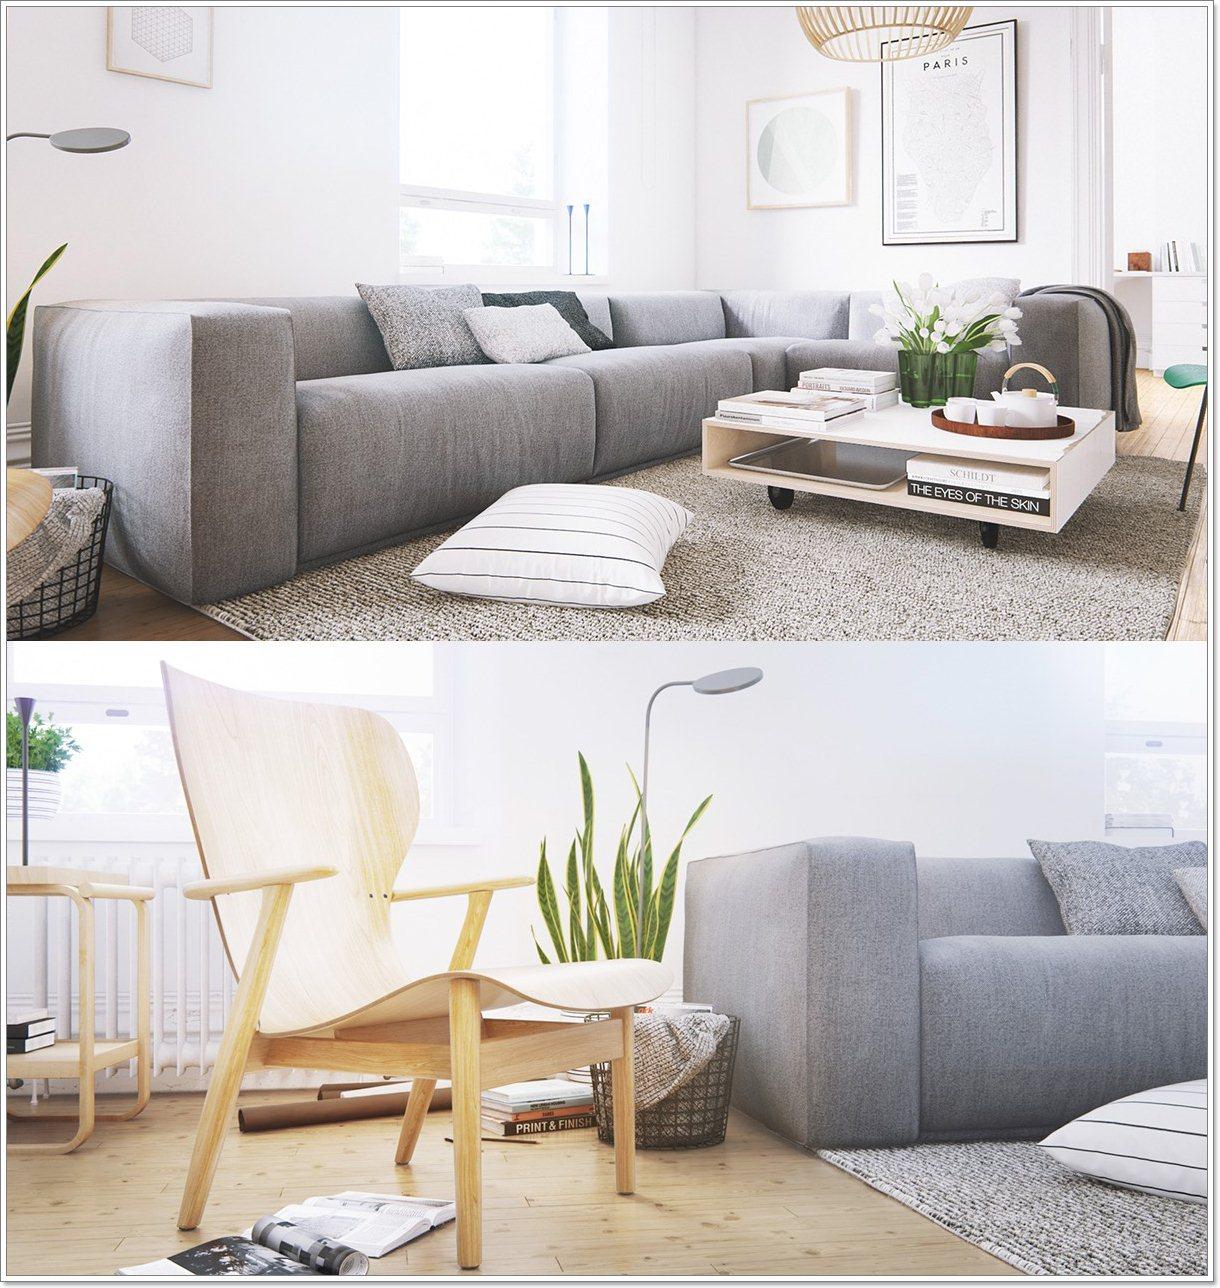 Skandinaviske stue design: ideer & inspirasjon   interiør inspirasjon